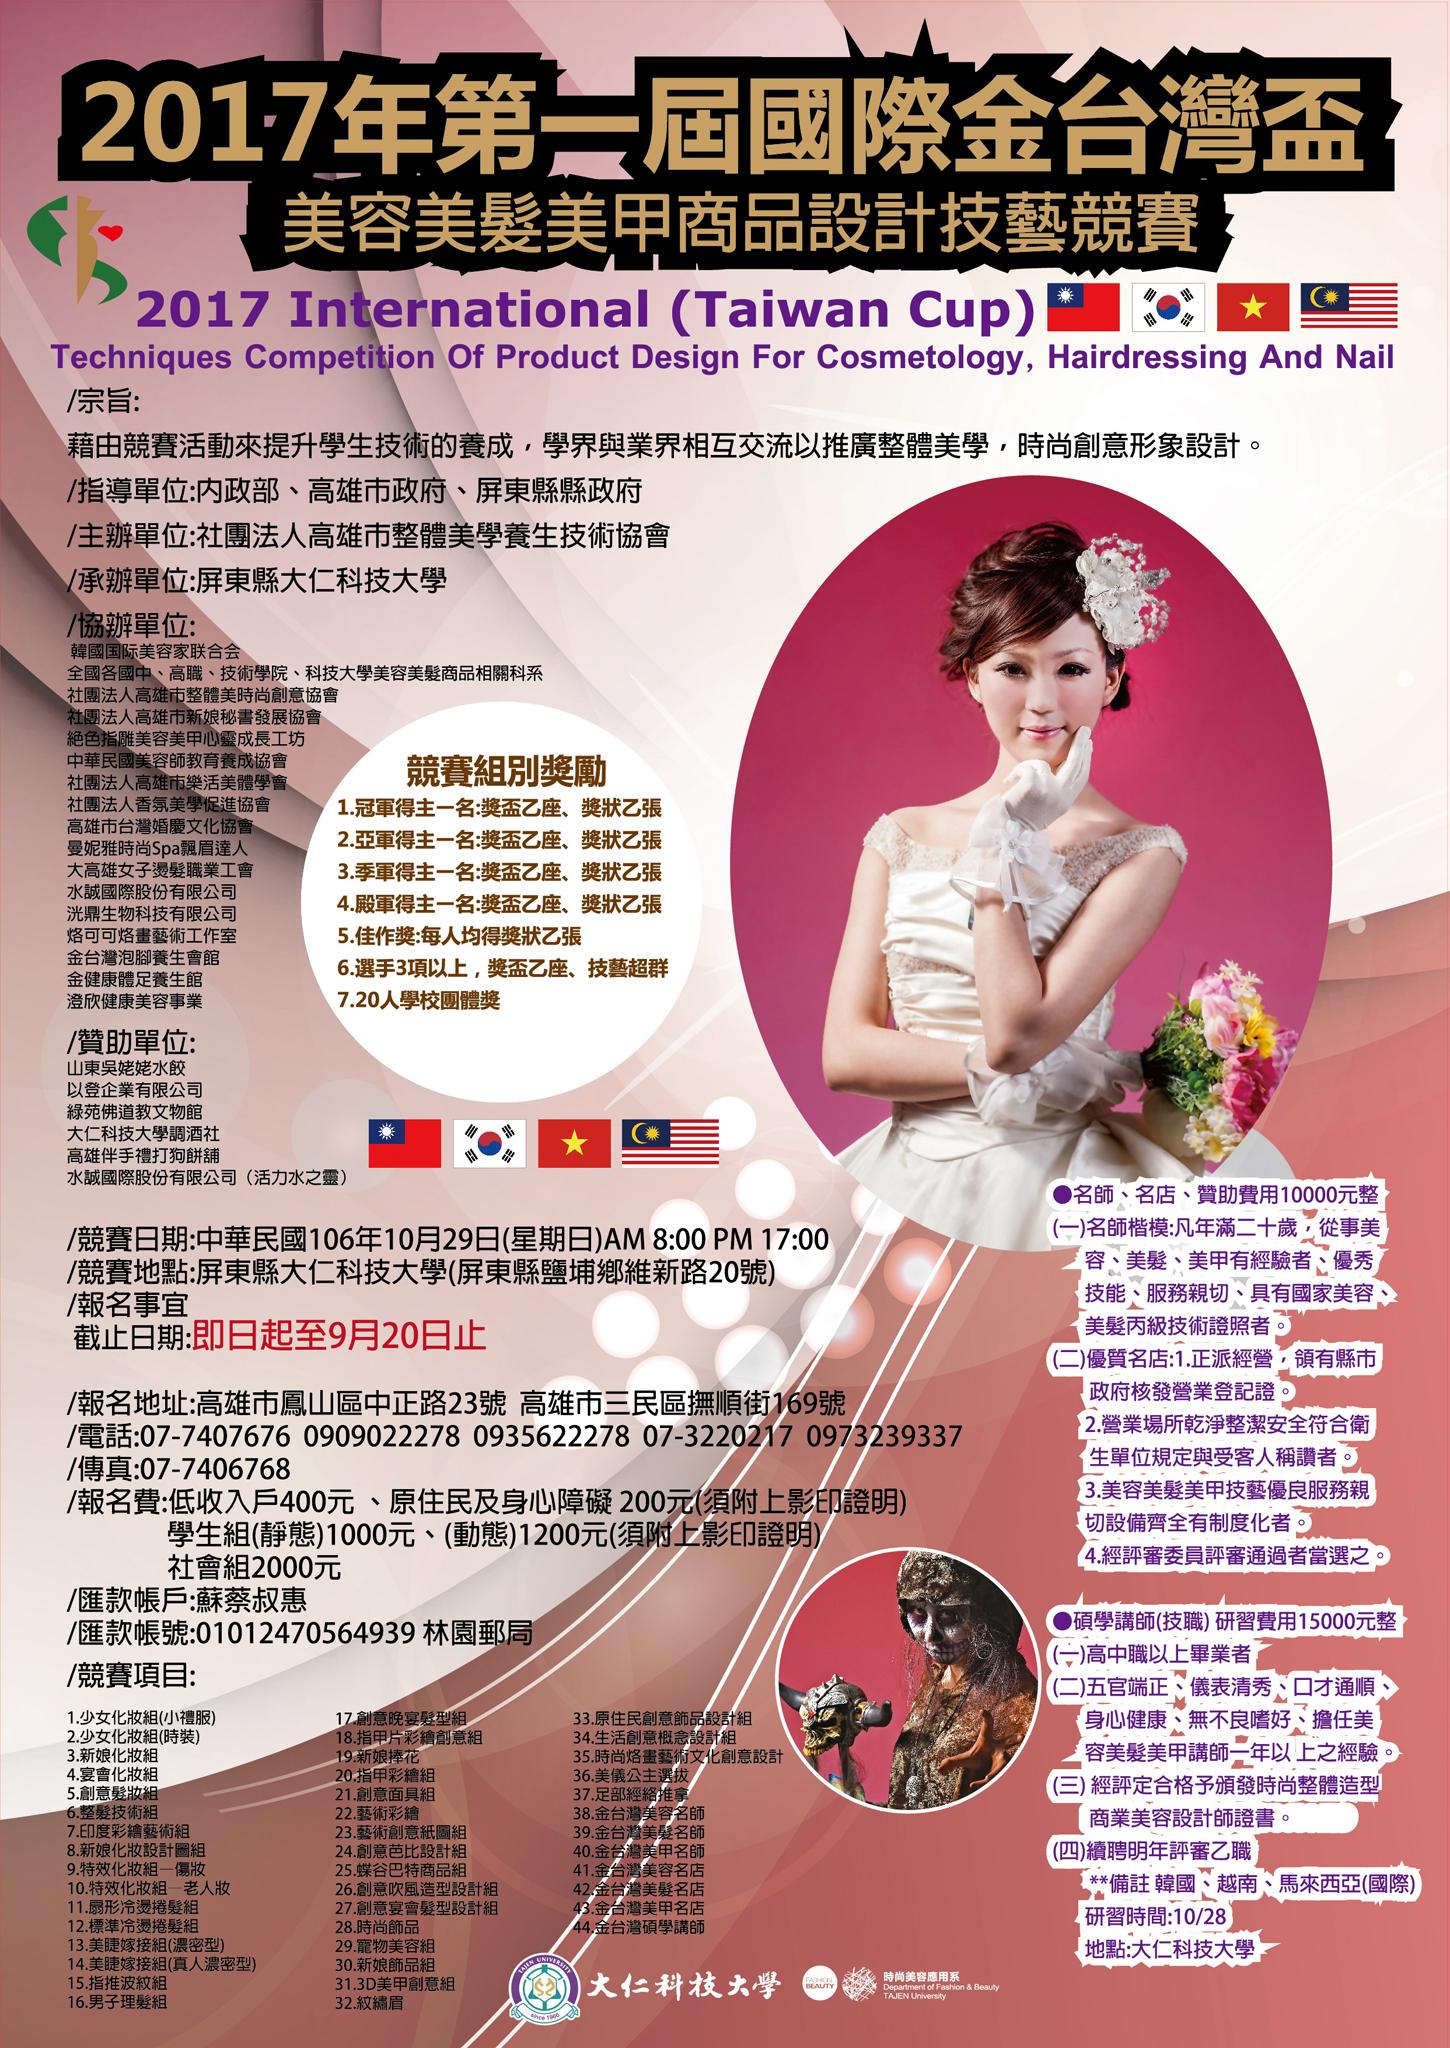 2017年第一屆「國際金台灣盃」美容美髮美甲商品設計技藝競賽 - 海報